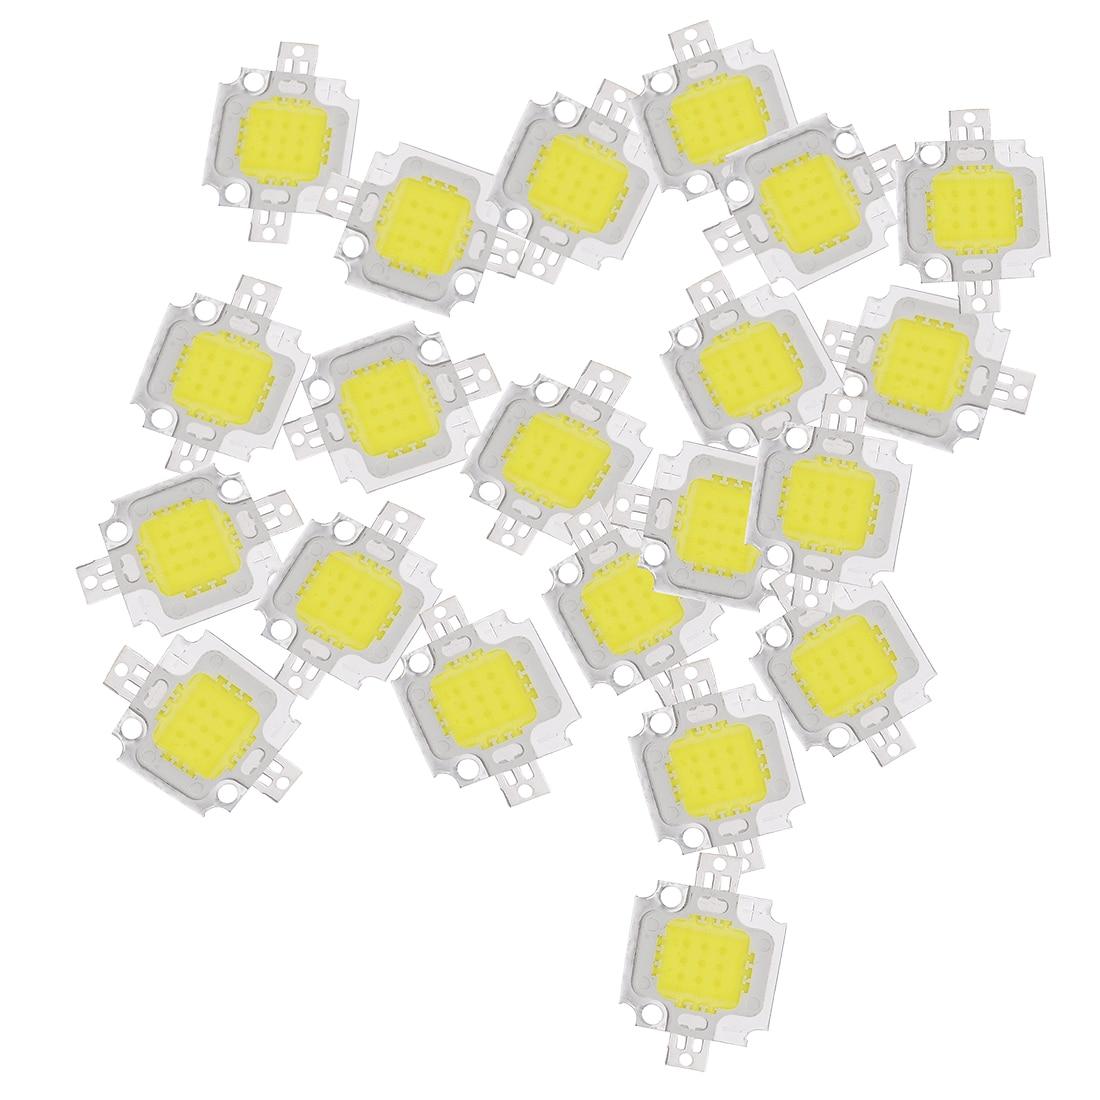 20 шт. 10 Вт светодиодный чистый белый высокой мощности 1100LM светодиодный светильник SMD чип лампа DC 9-12 в 6000-6500K супер светодиодный светильник для замены ламп